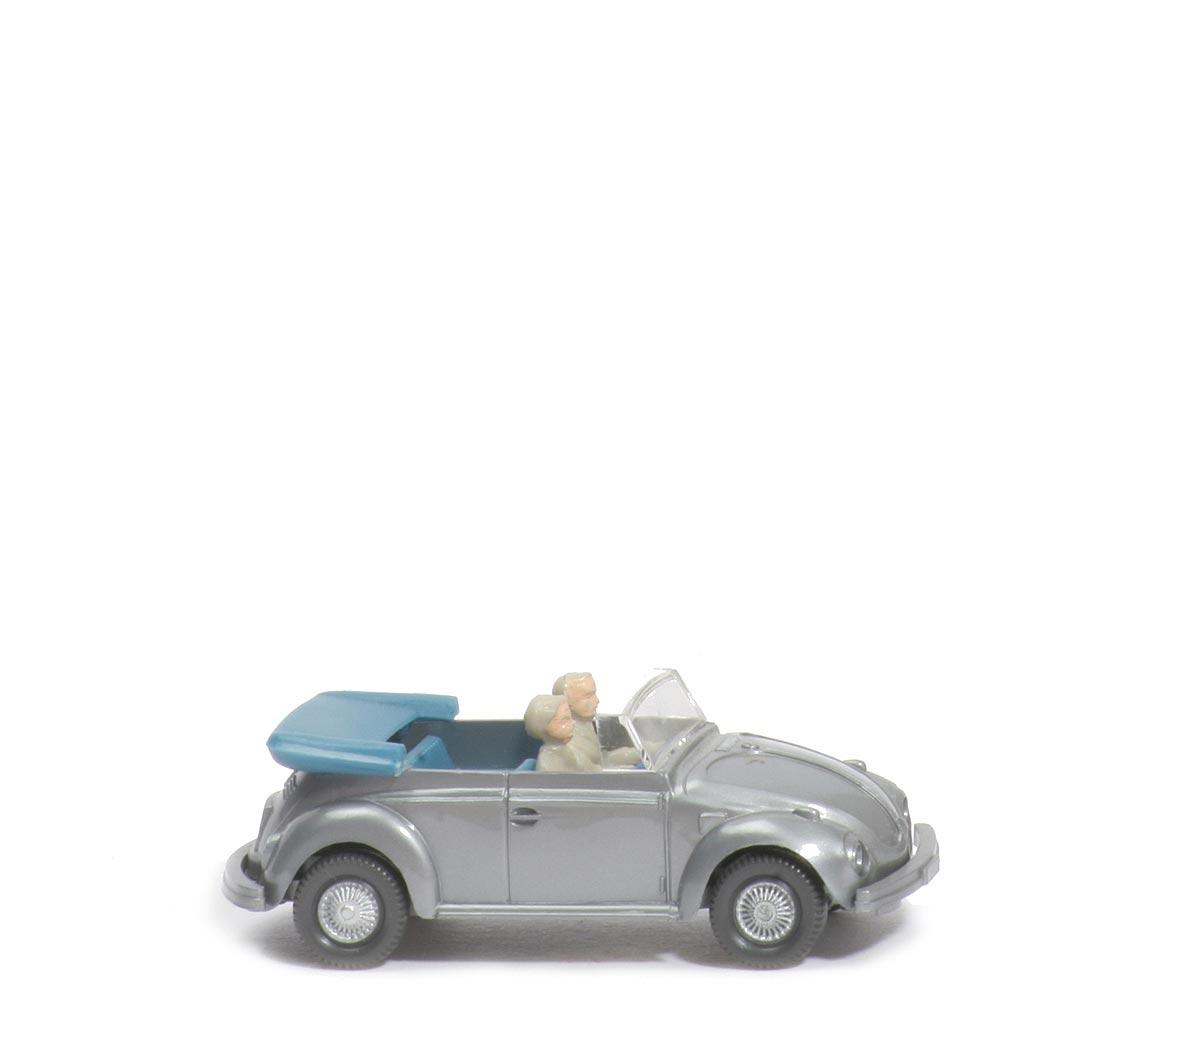 kneule 39 s wiking standards vw k fer cabriolet 1302 silbern lenkrad integriert. Black Bedroom Furniture Sets. Home Design Ideas